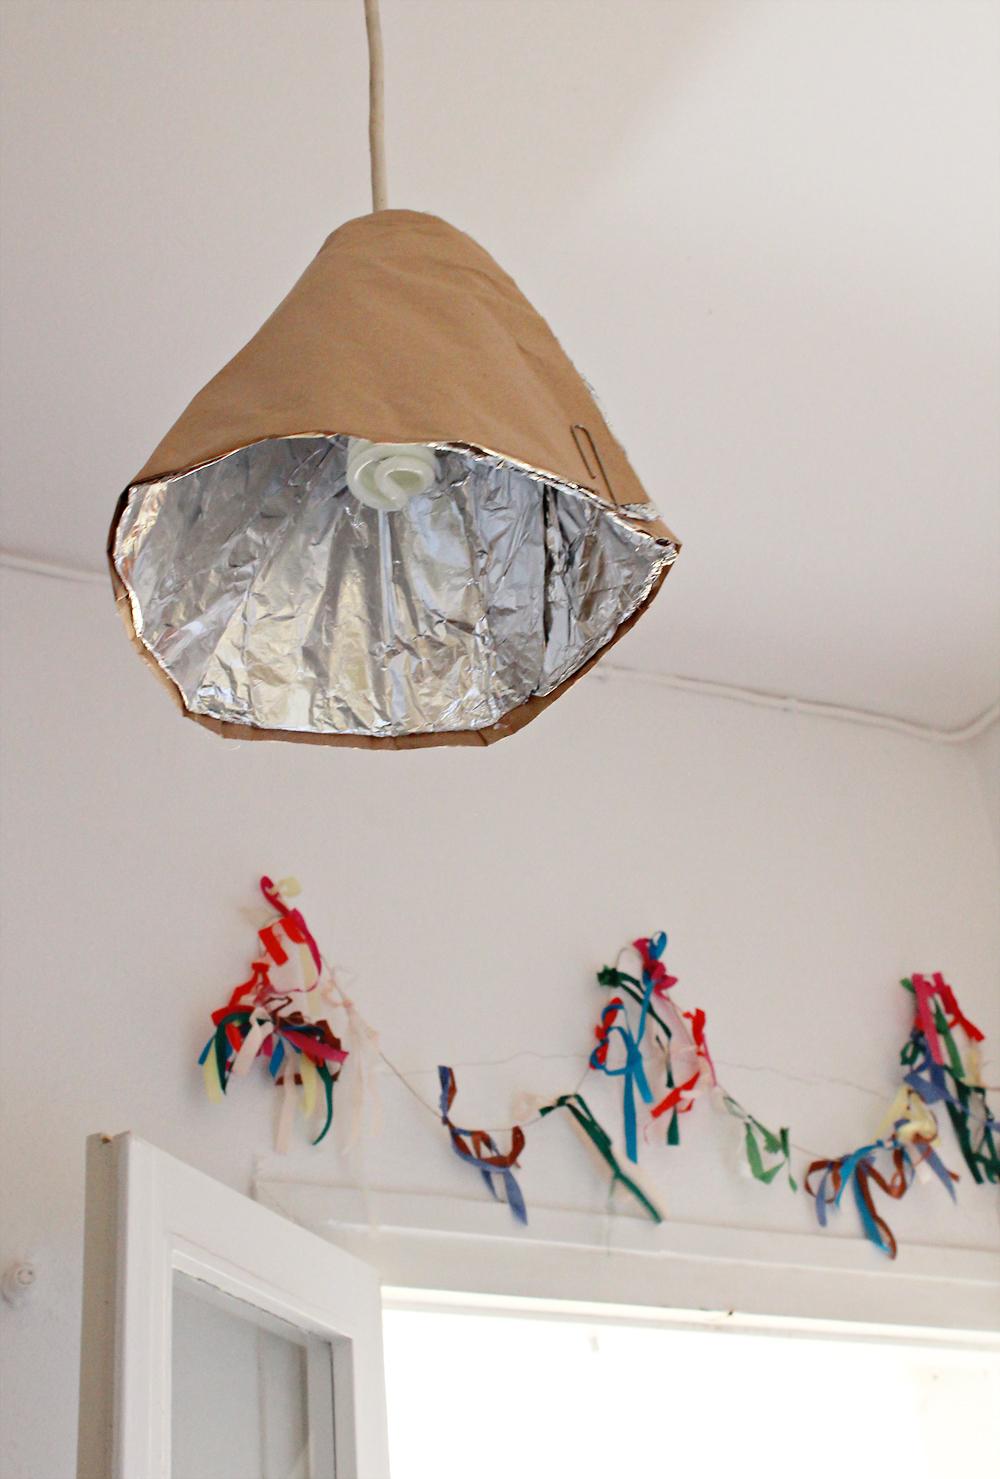 Φτιάξε ένα ανακυκλώσιμο φωτιστικό από ρολά χαρτιού κουζίνας & αλουμινόχαρτο.jpg